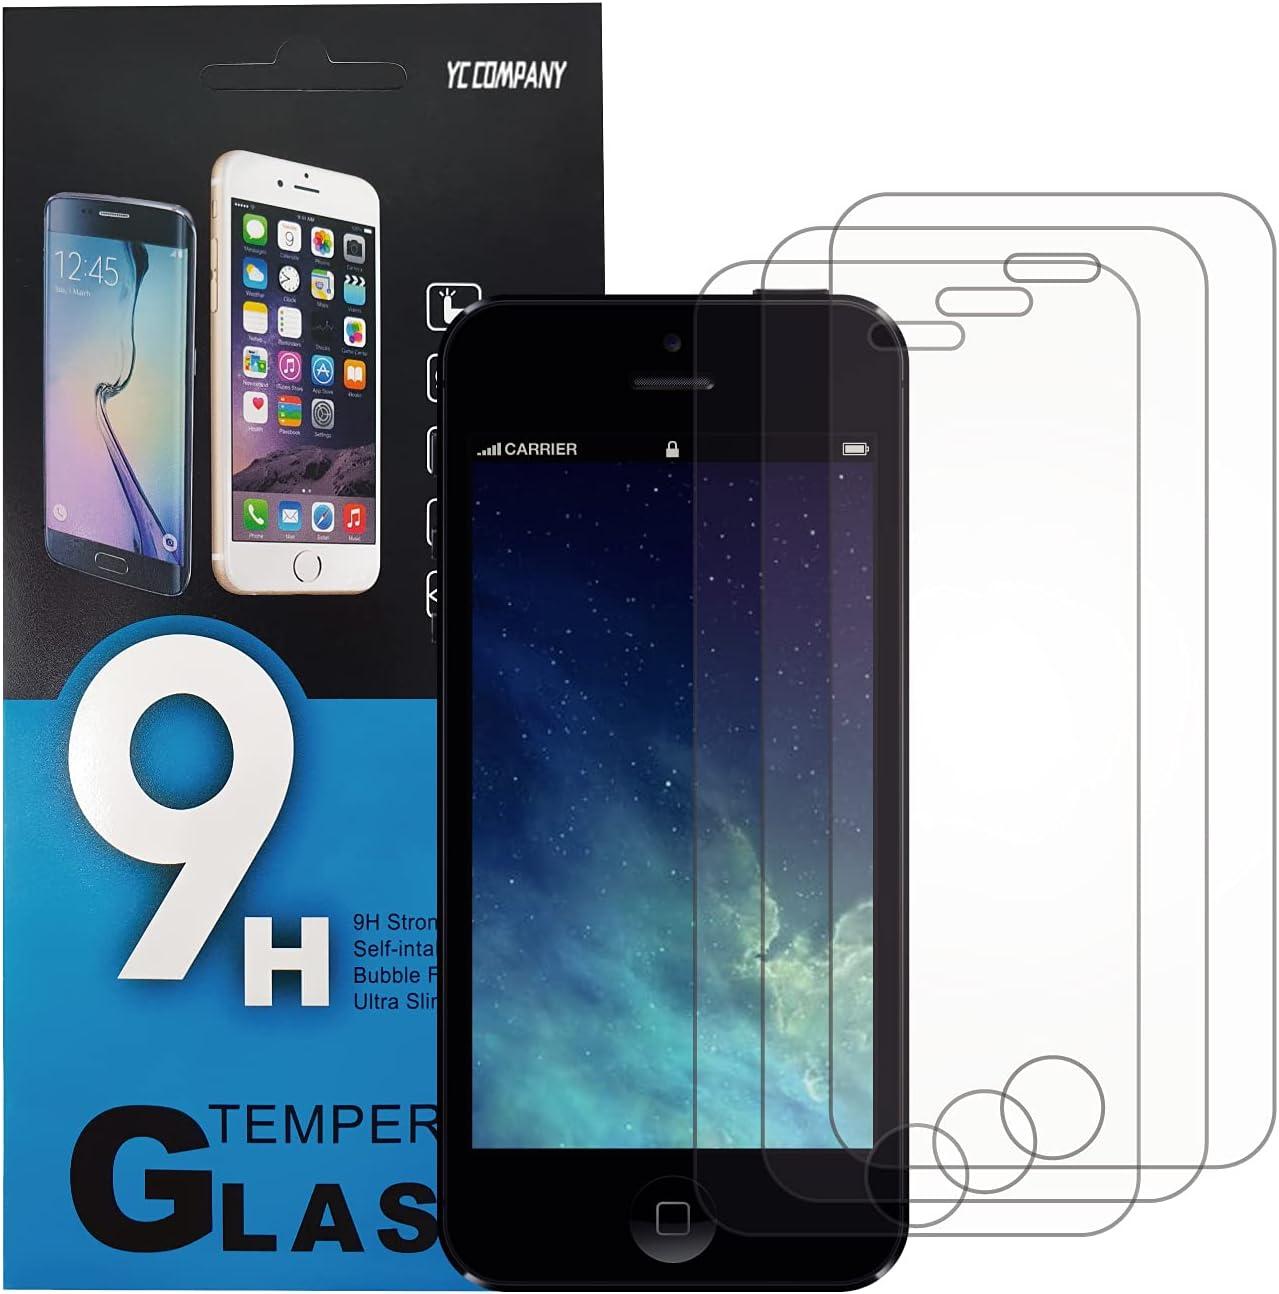 YC COMPANY - Lot de 3, Verre Trempé Compatible avec iPhone XR/iPhone 11. Film Protection Écran Anti Rayures Ultra Résistant (0,33mm HD Transparent)...